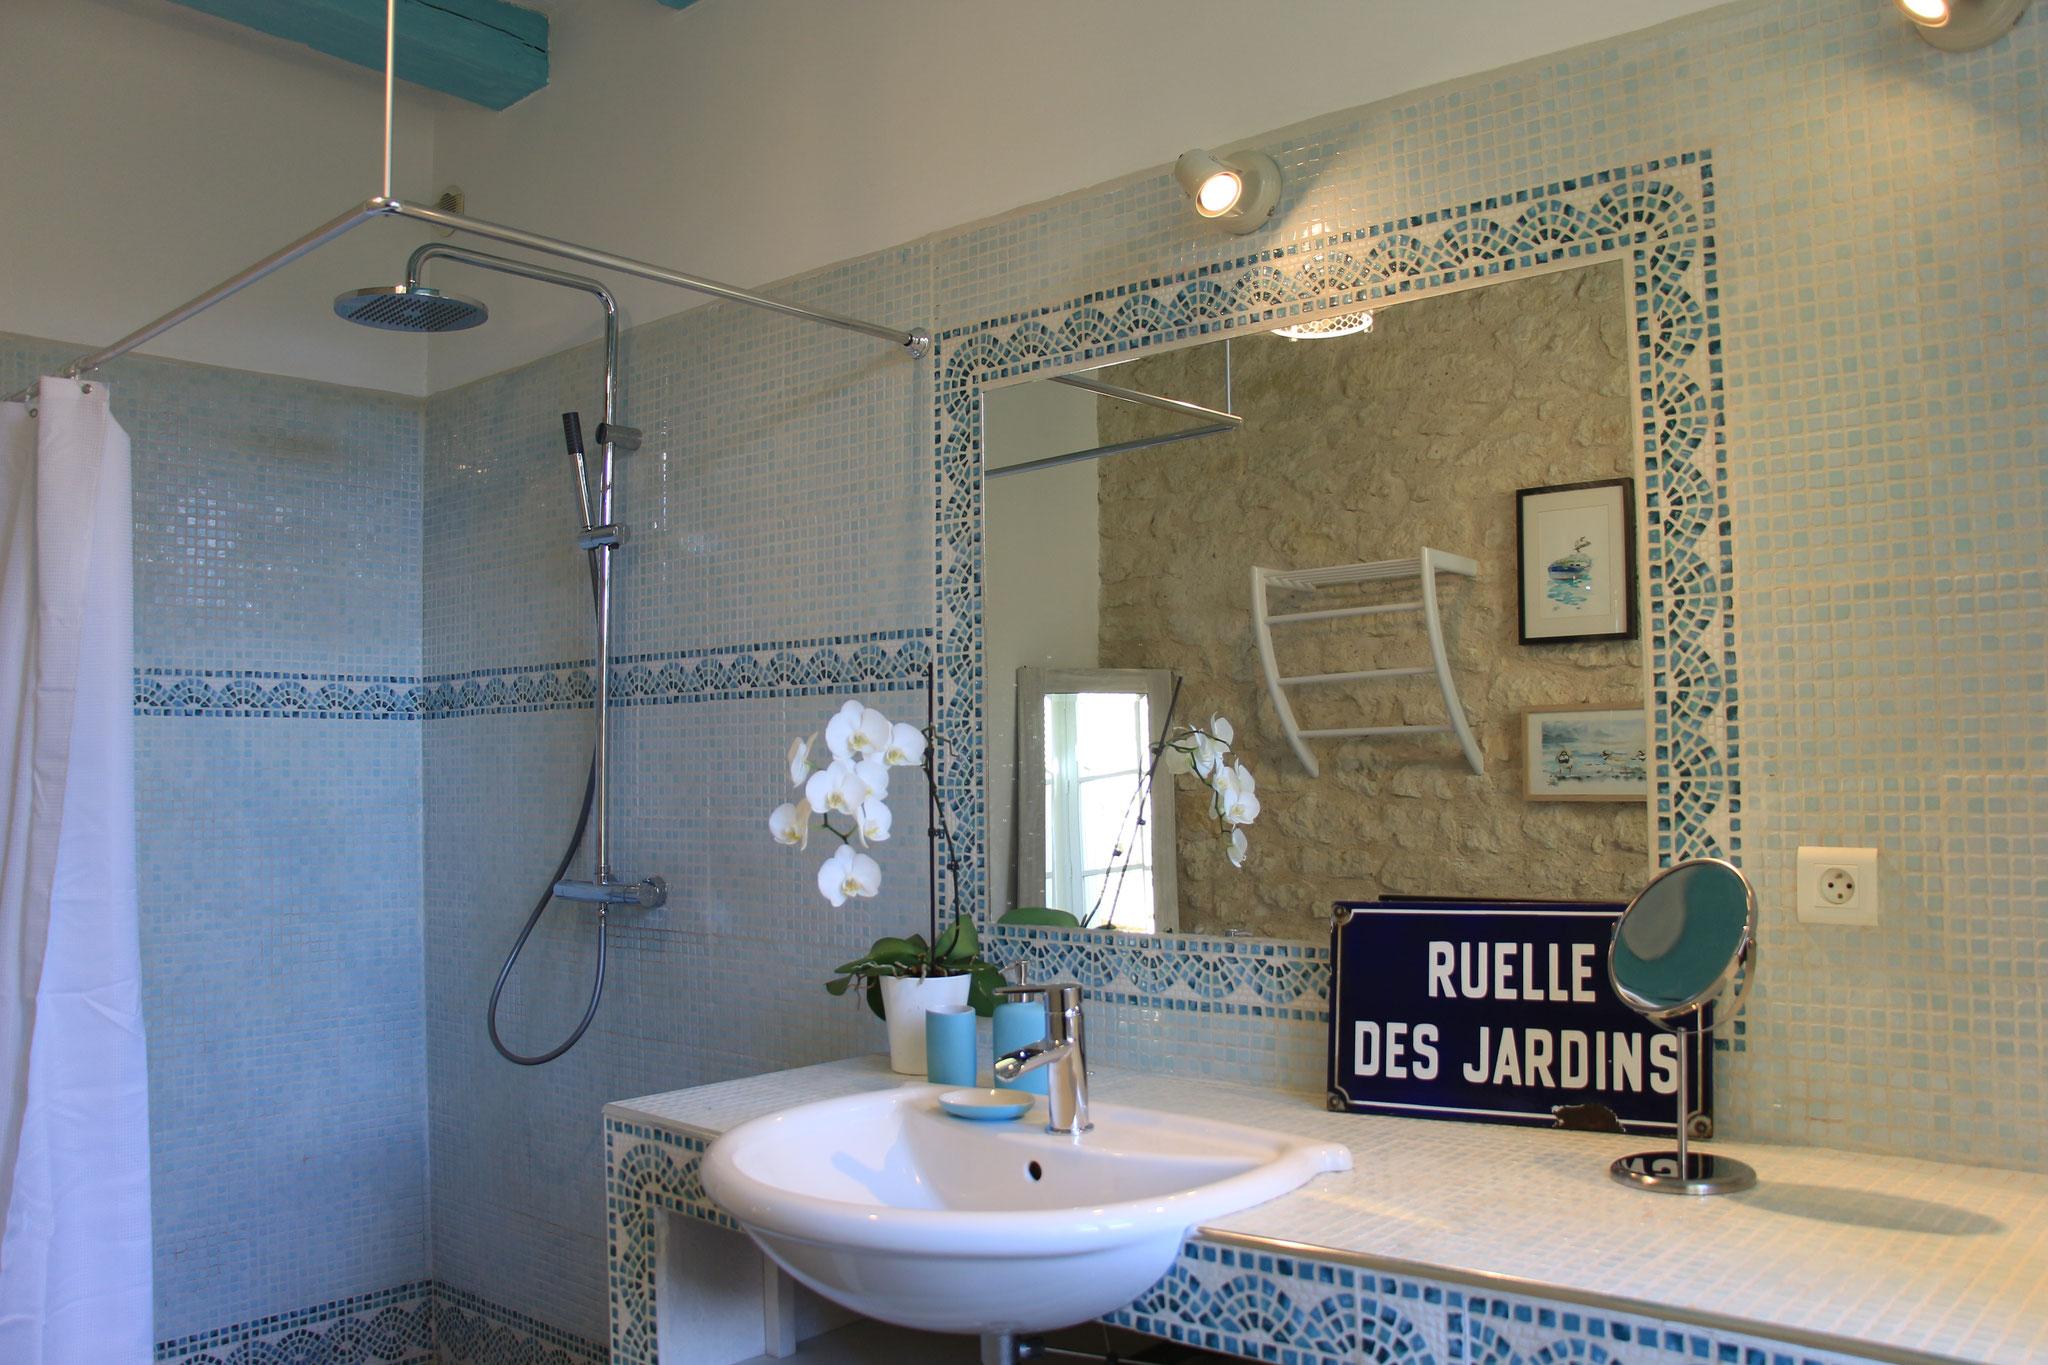 La grande salle d'eau avec douche à l'italienne du gîte La Ruelle des Jardins